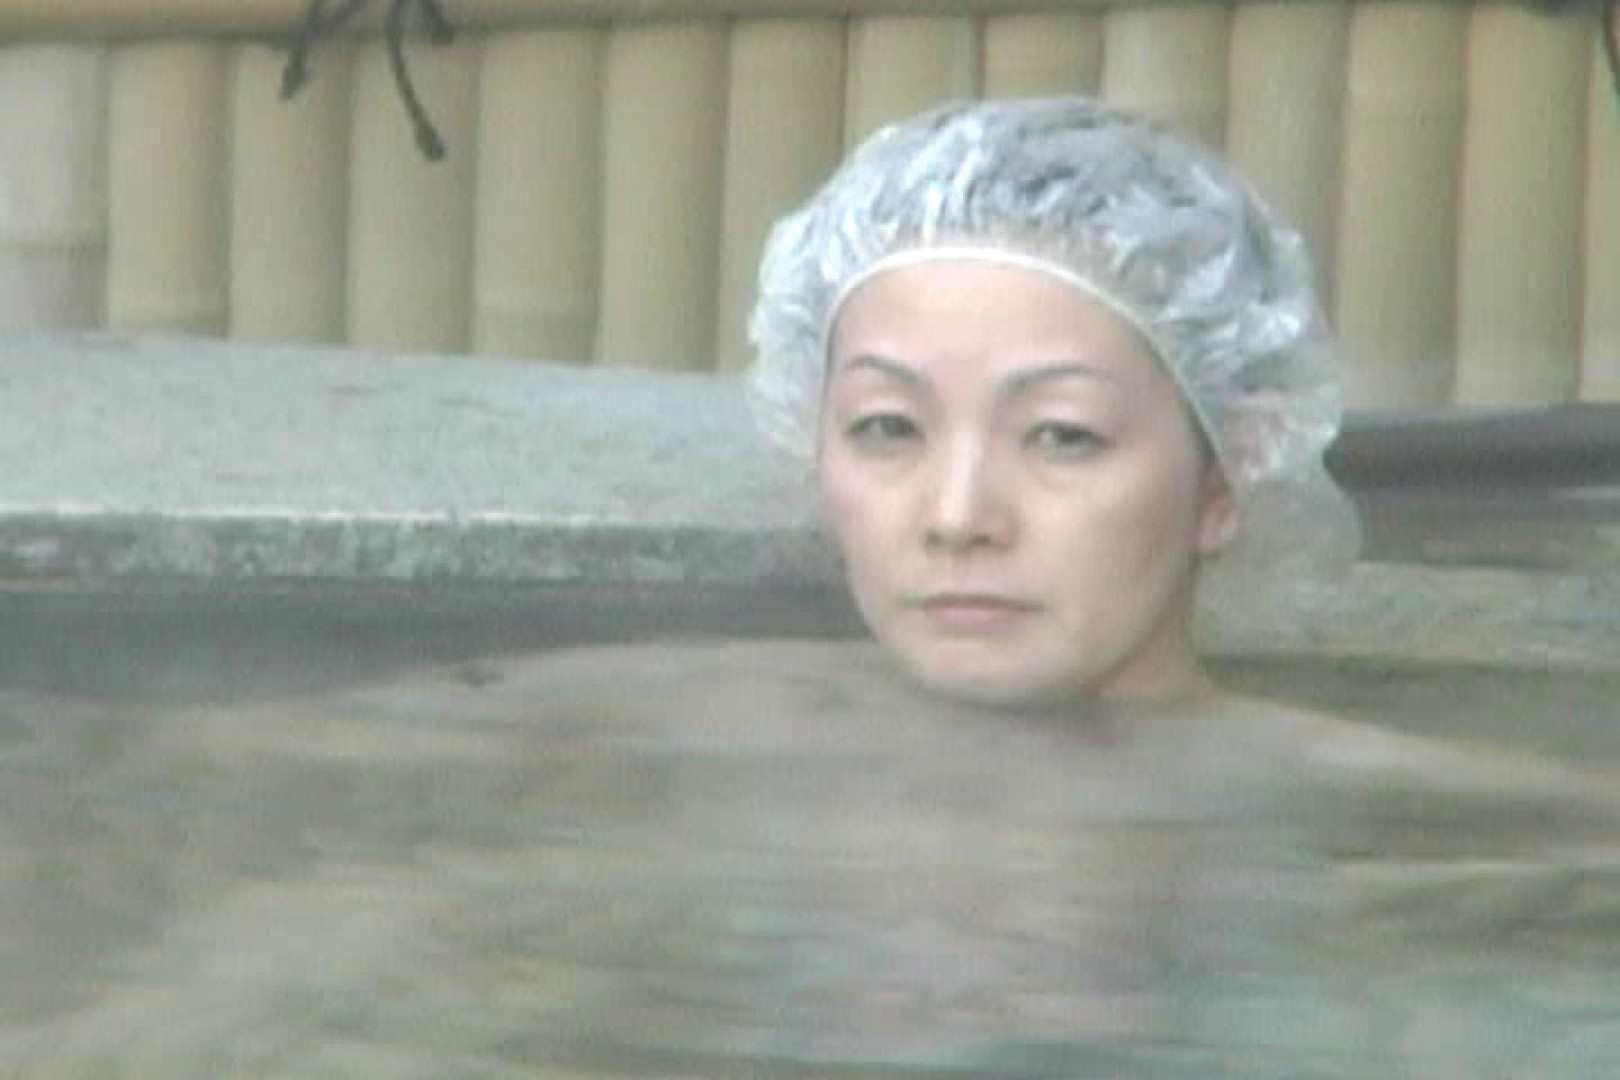 Aquaな露天風呂Vol.592 盗撮師作品 | 美しいOLの裸体  91pic 19